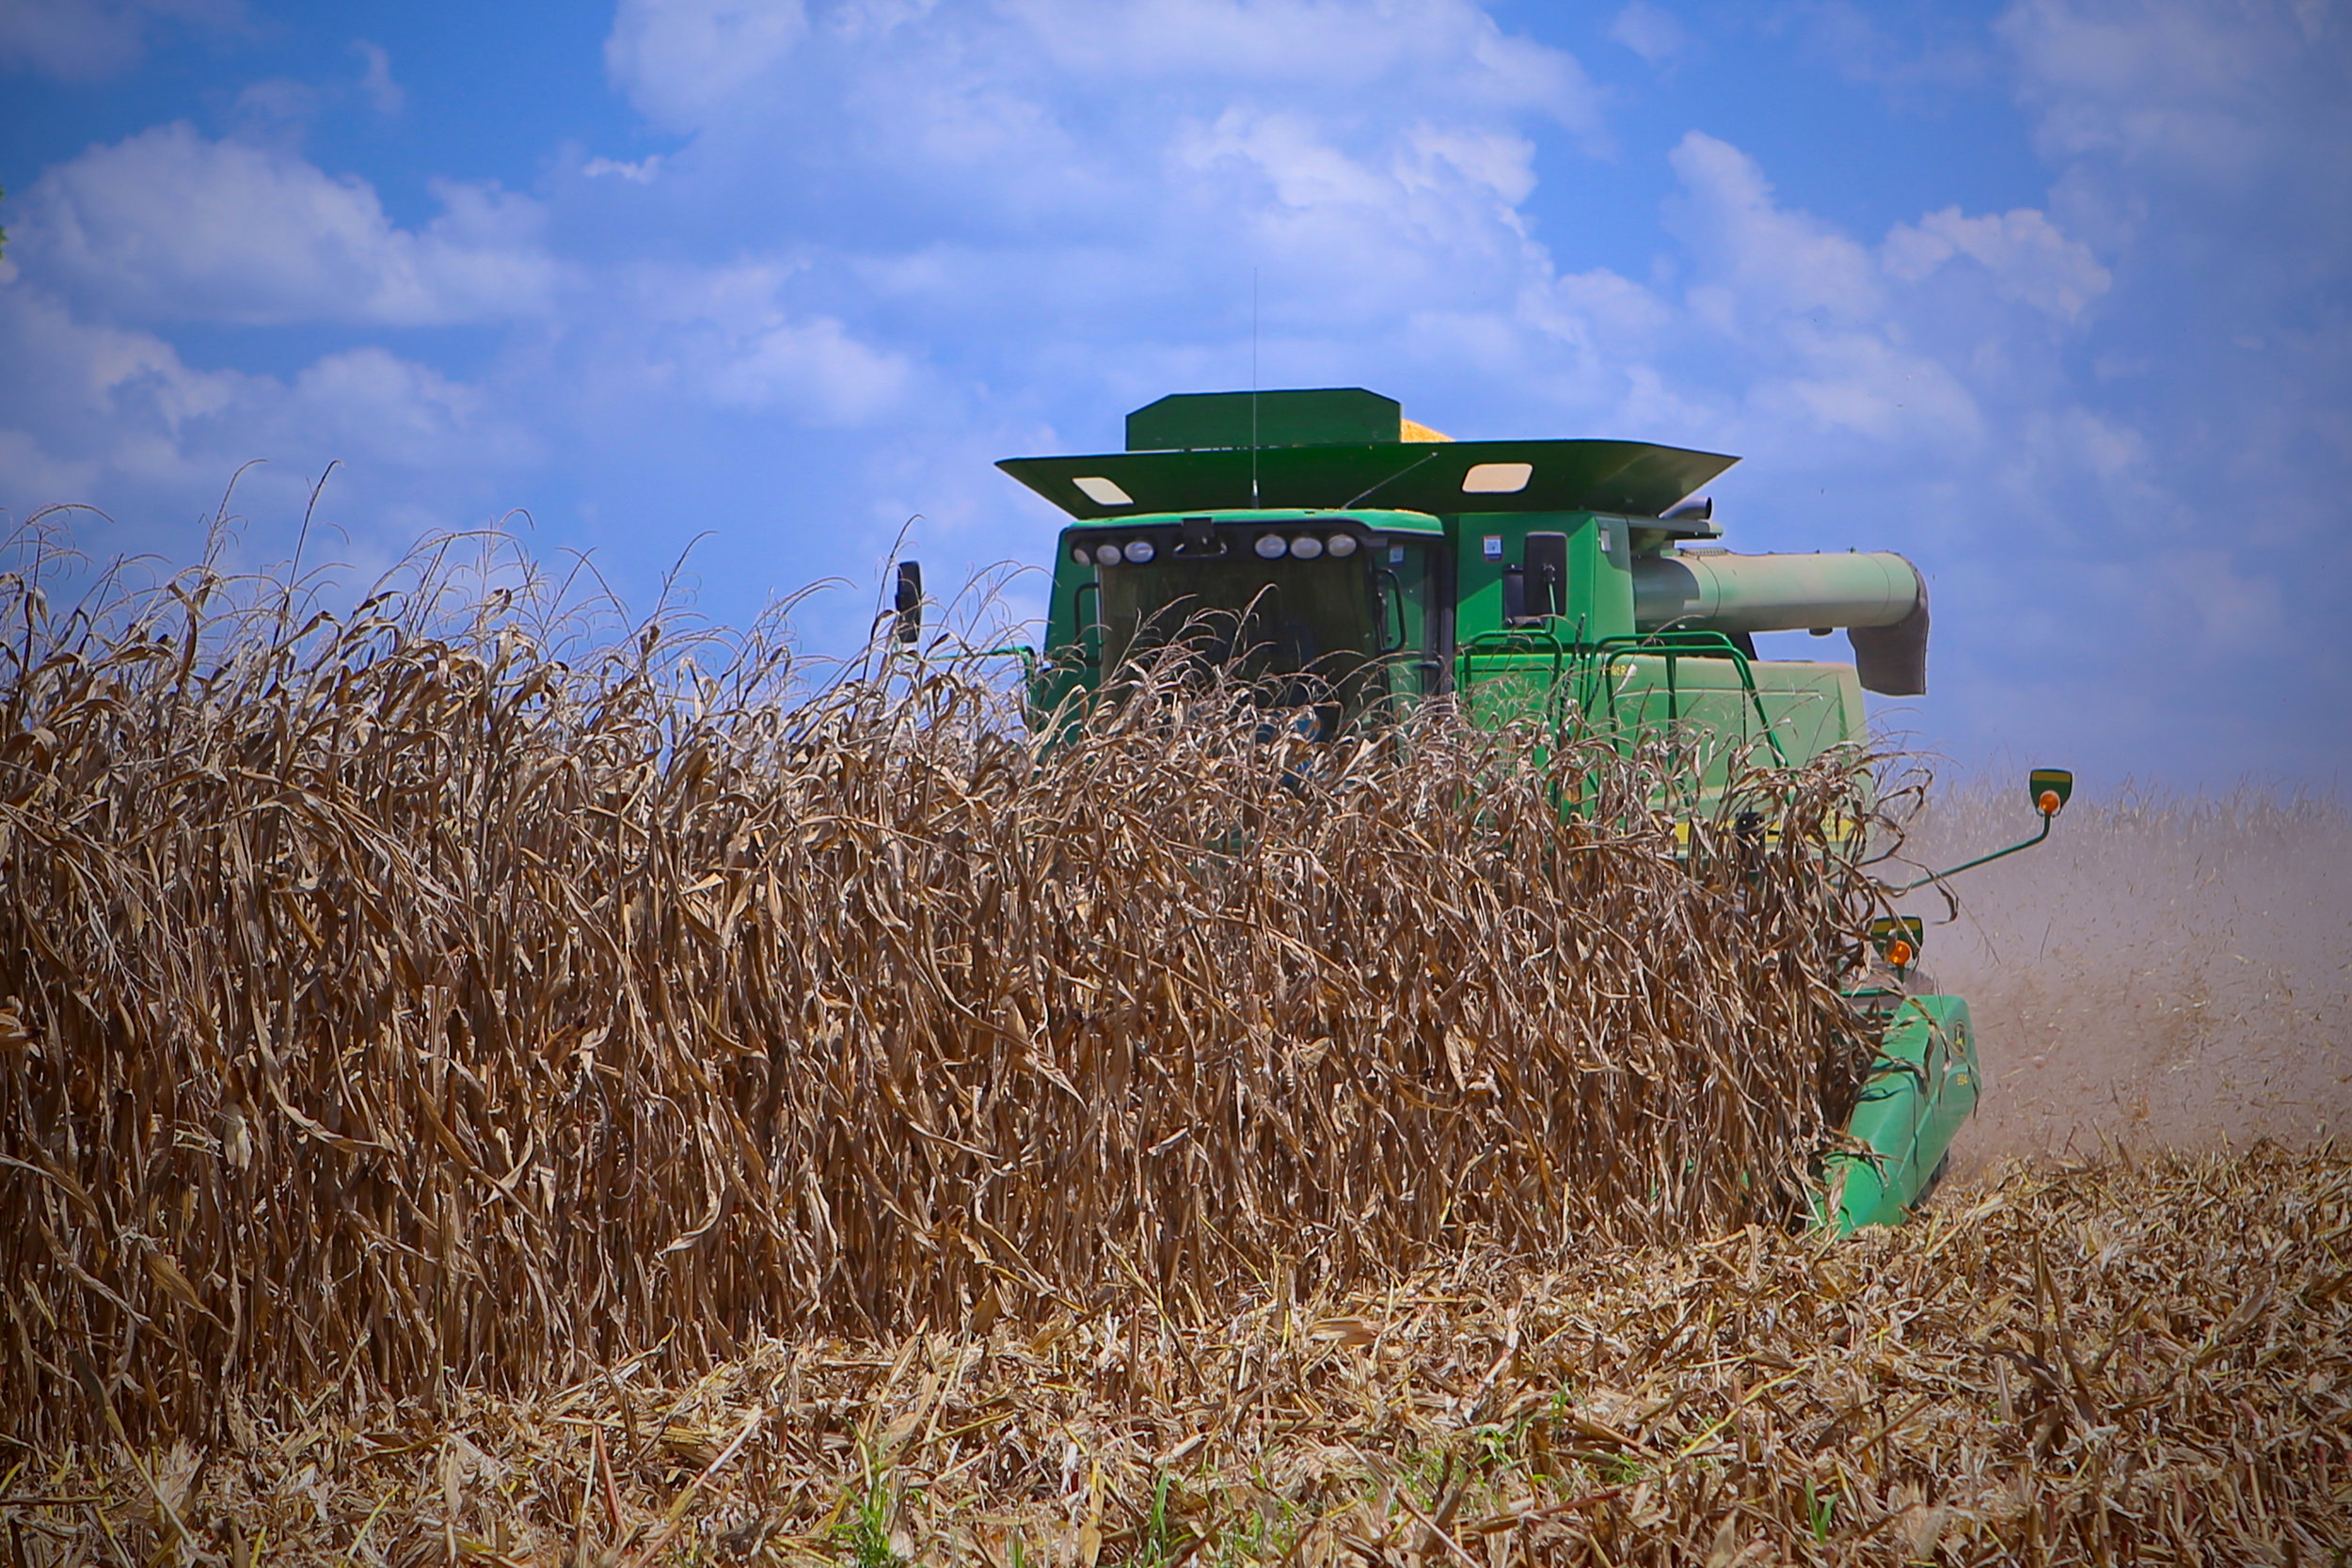 SquarespaceImage19-Corn-harvest.jpg